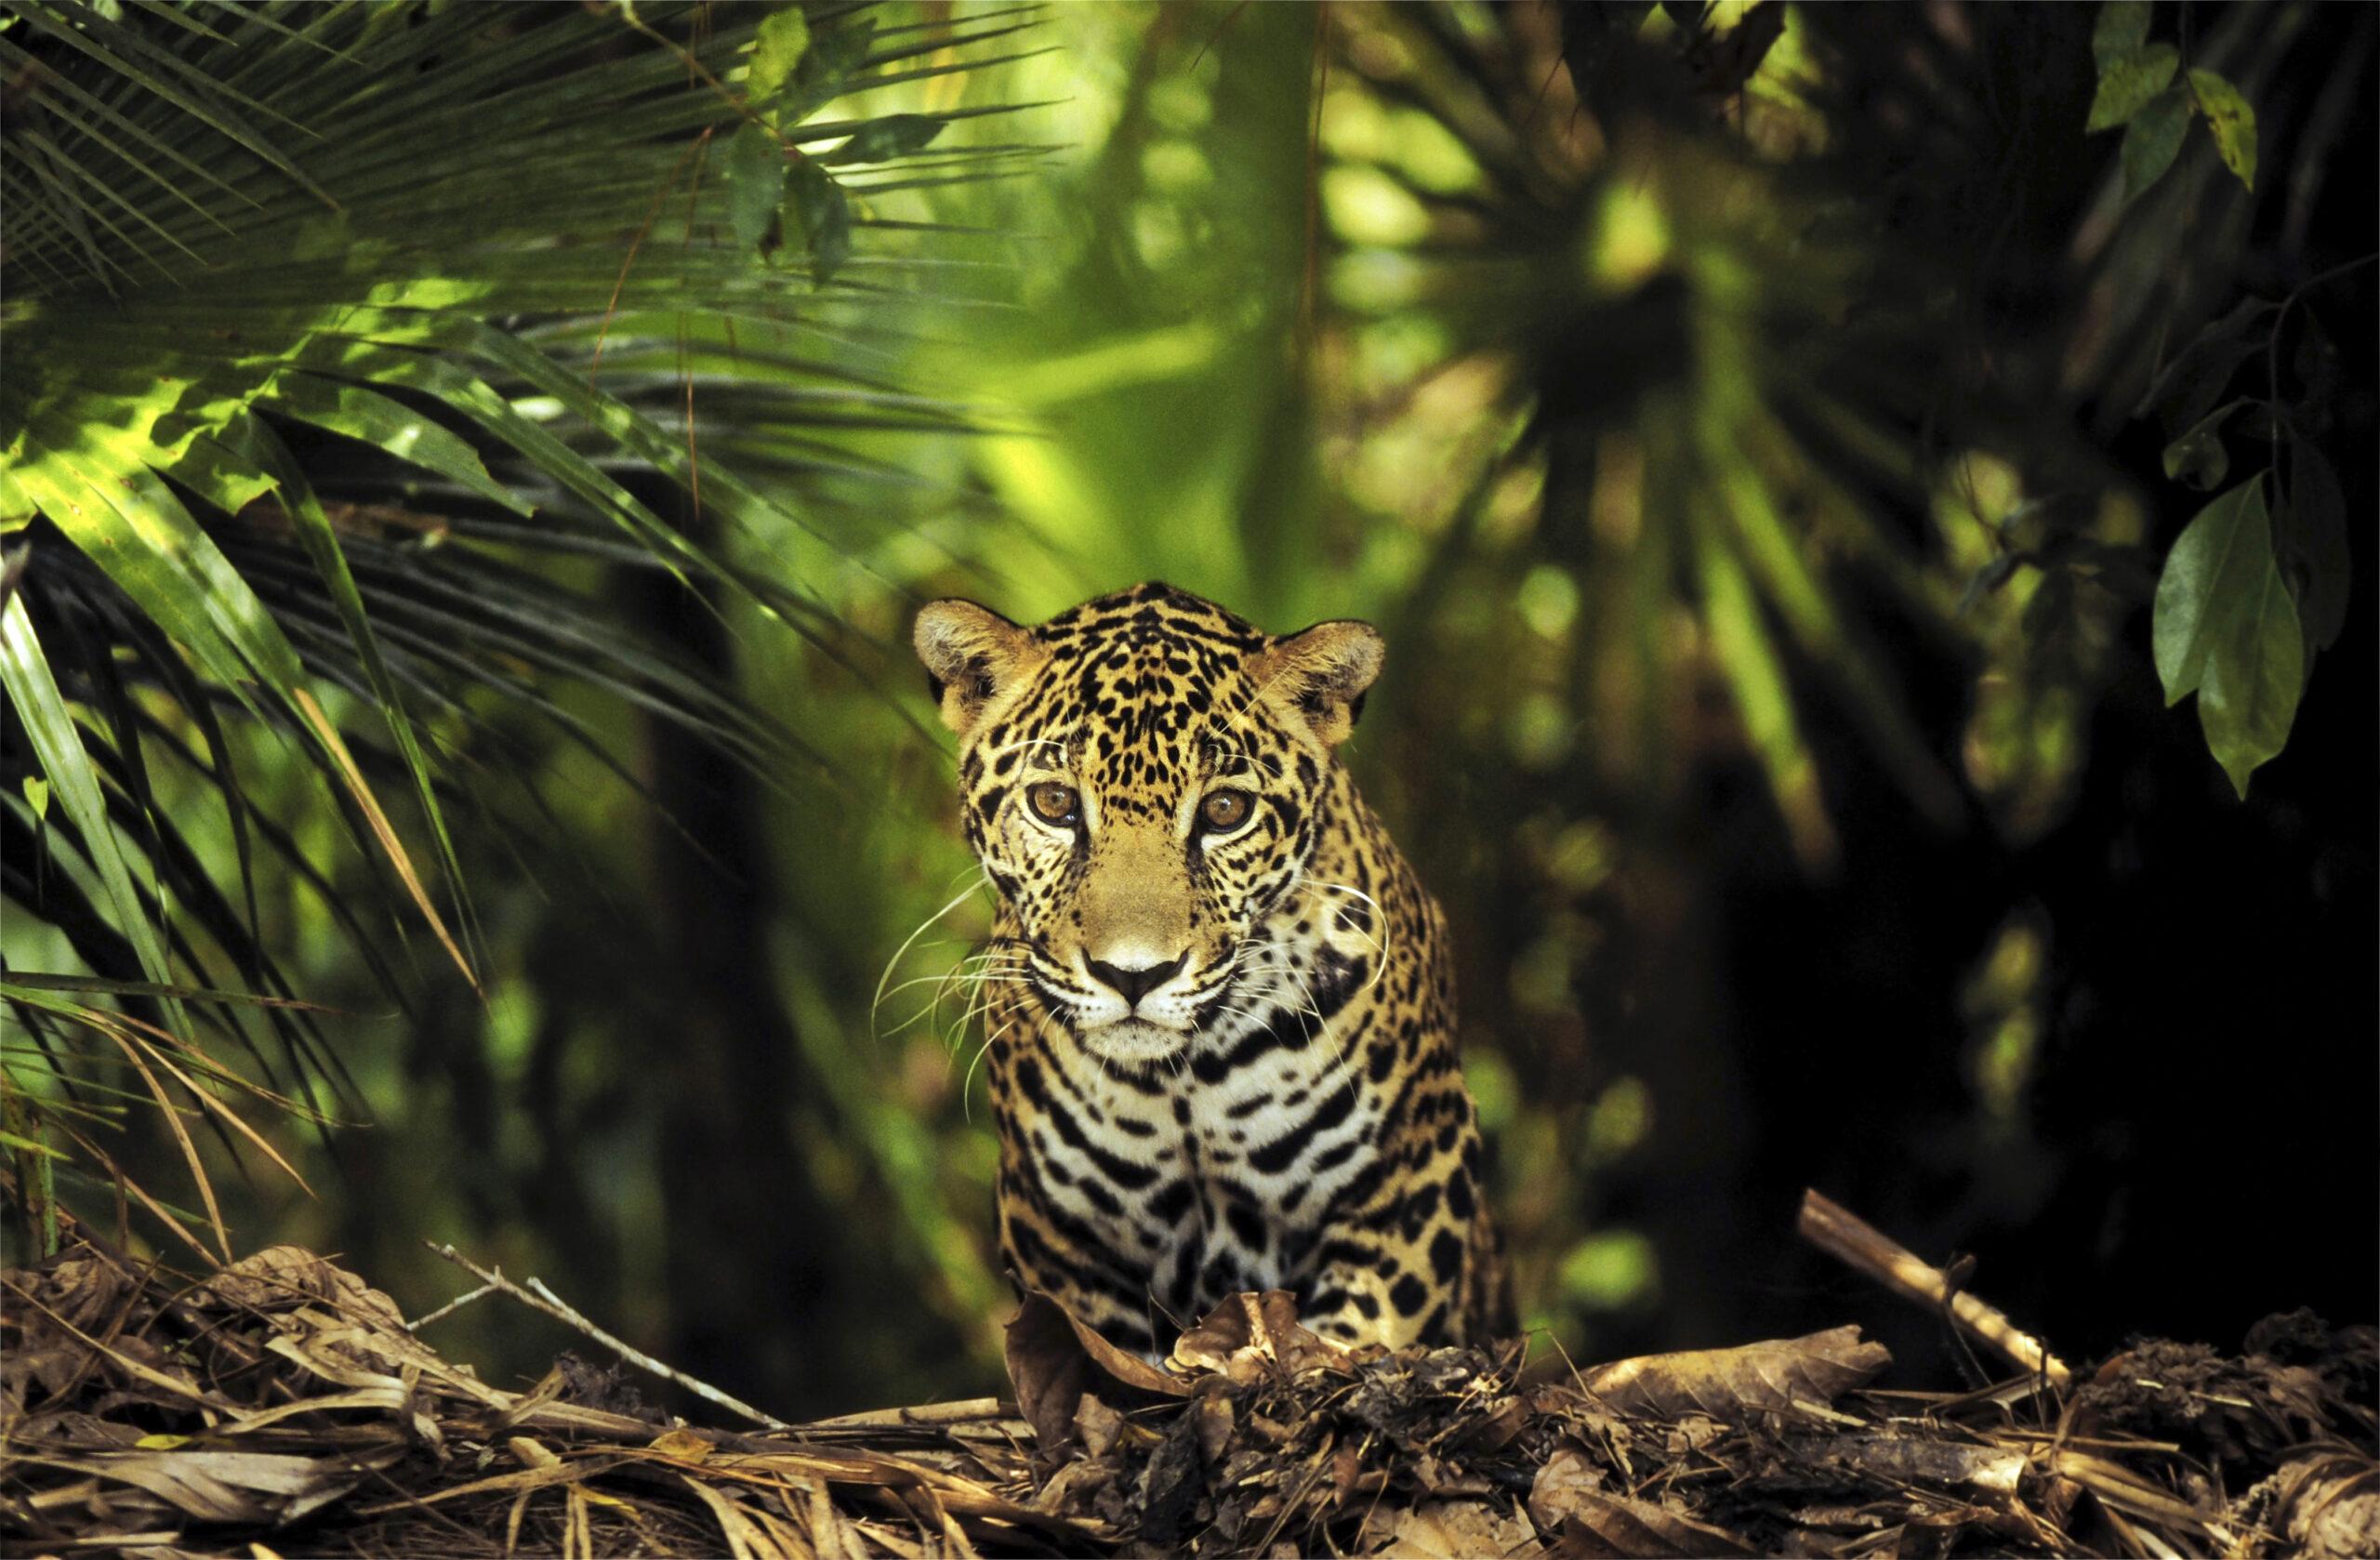 Amazonas biologiska mångfald är unik